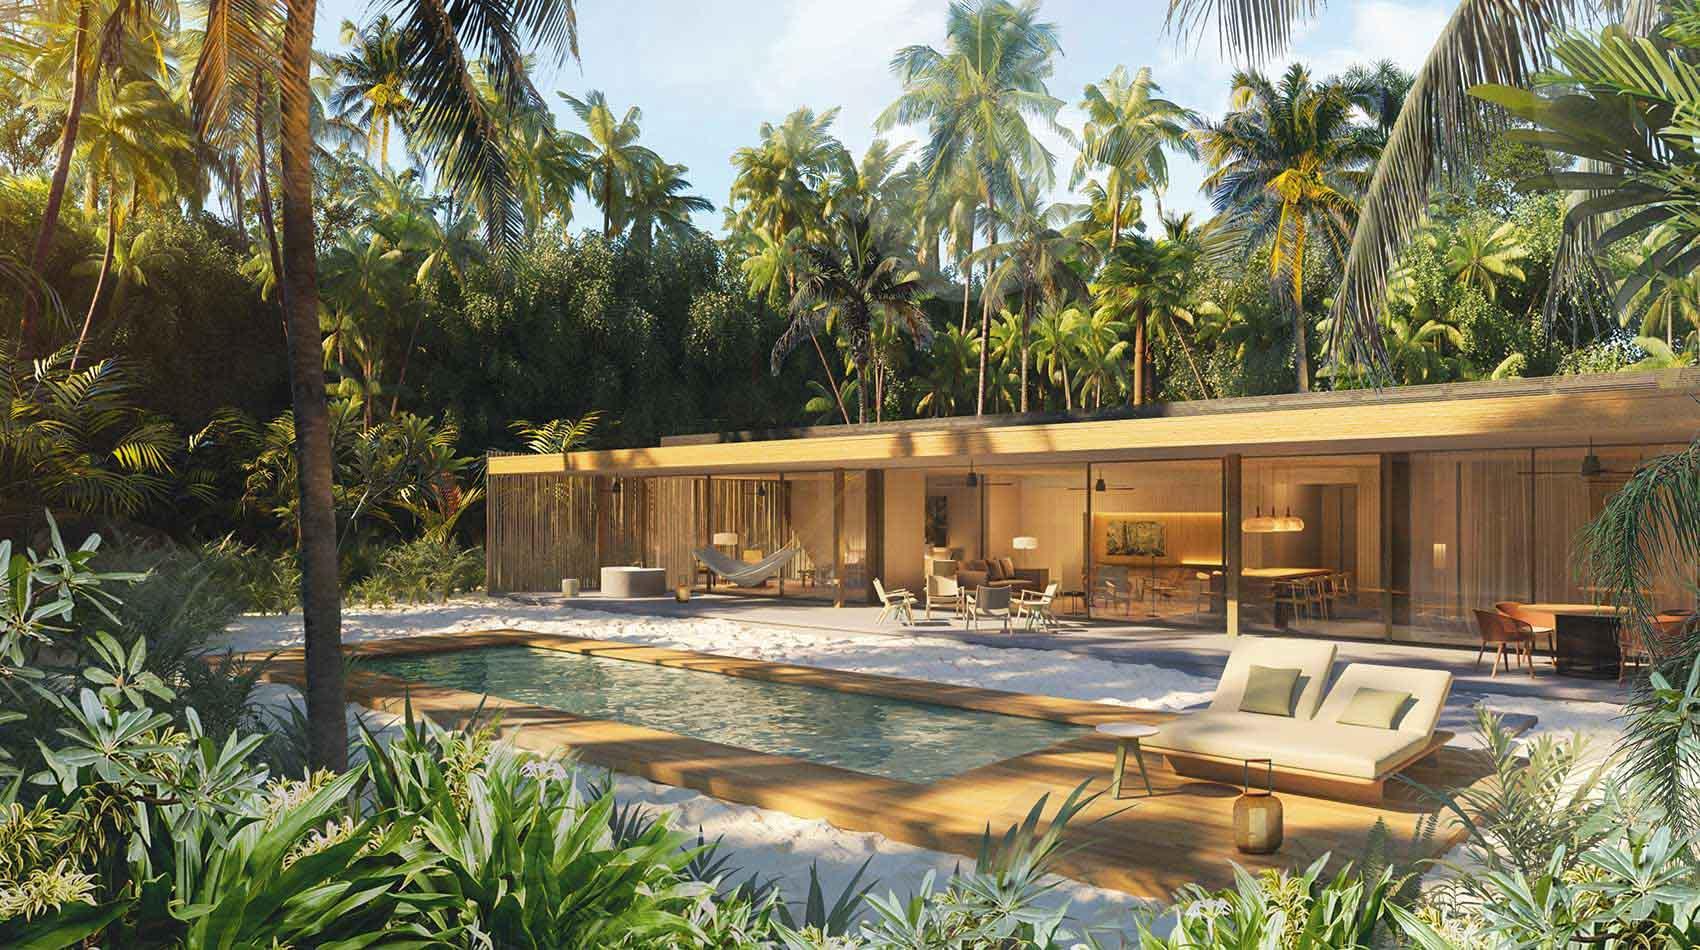 Ouverture prévue en mai 2021 pour le Patina Maldives © DR